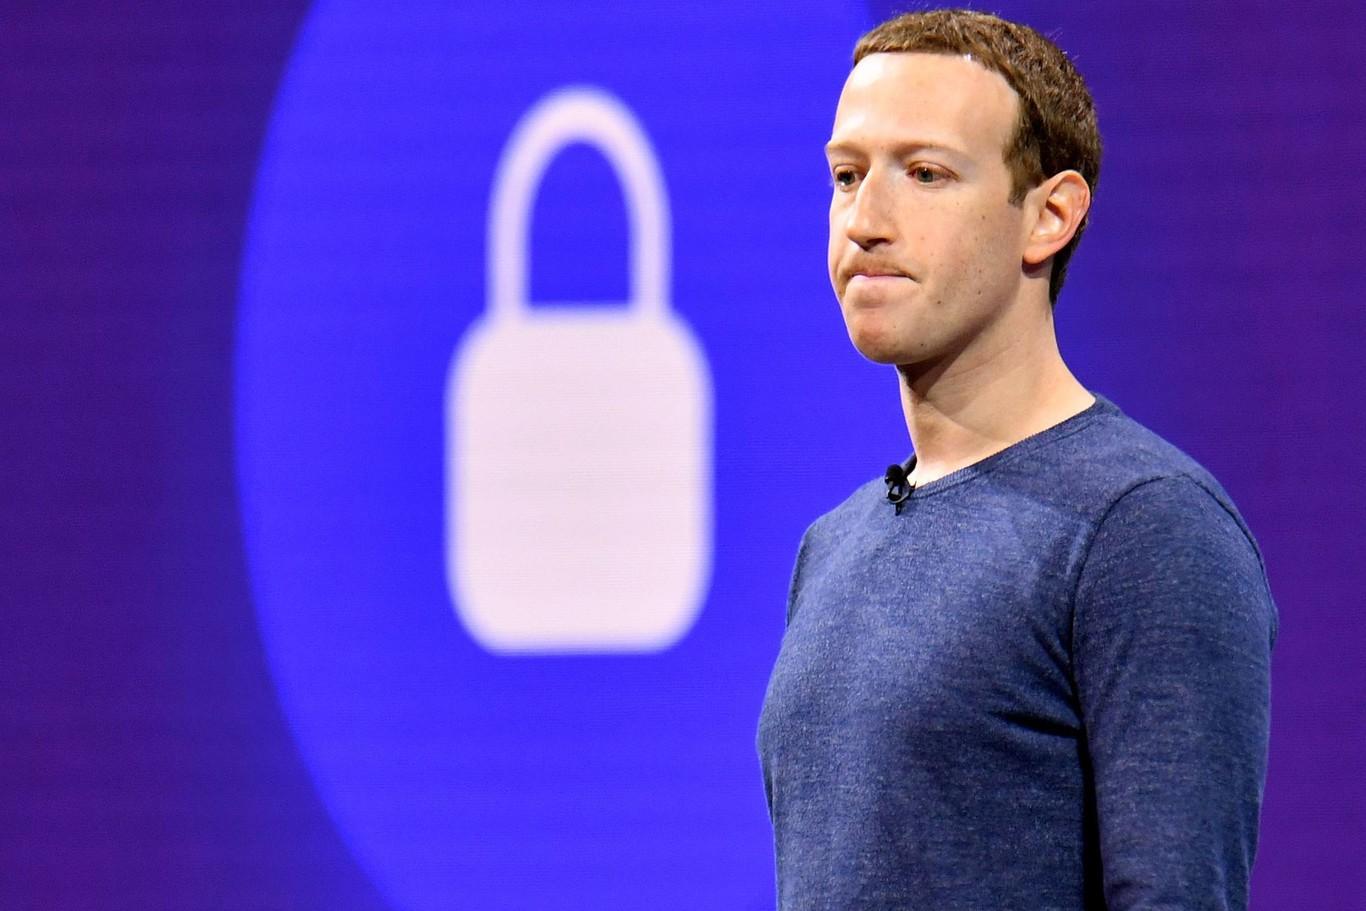 Facebook almacenó más de 200 millones de contraseñas en texto plano durante años y a la vista de sus trabajadores